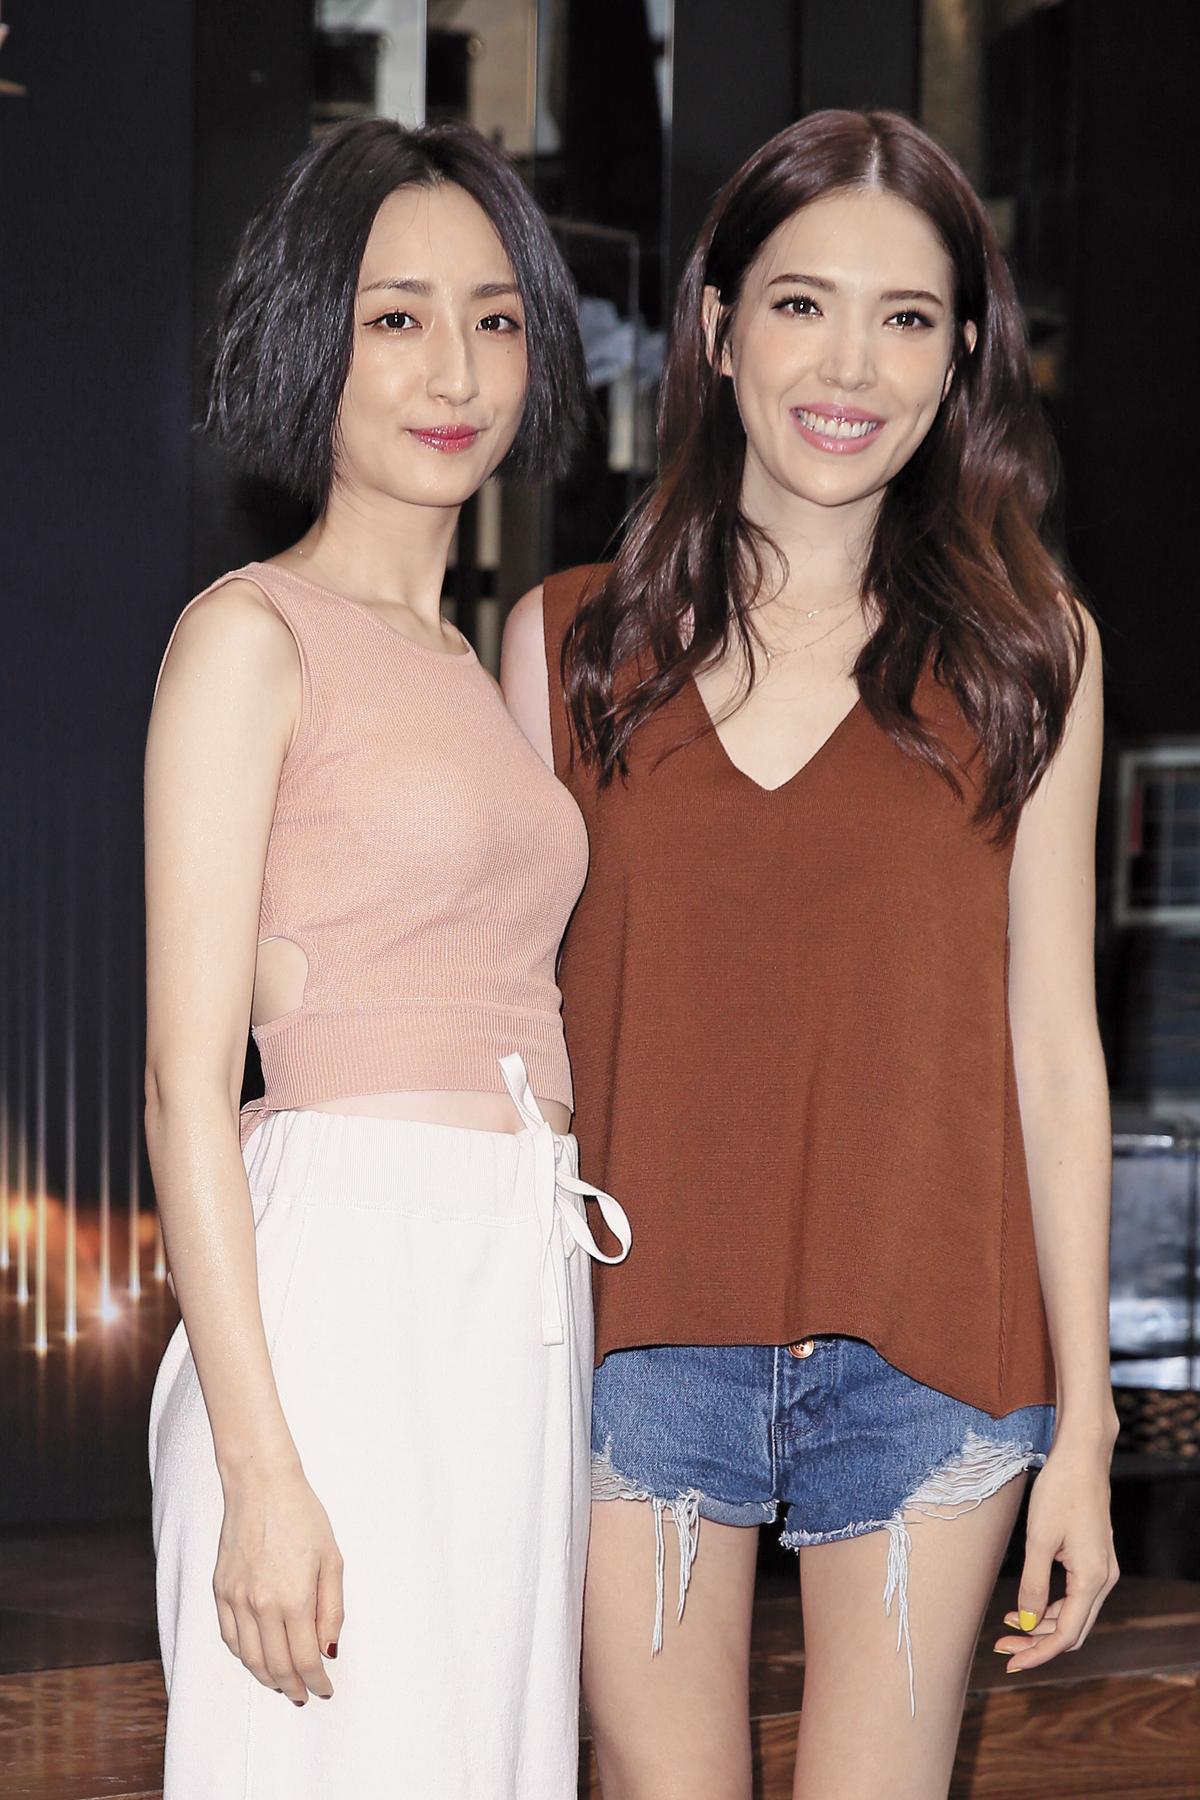 妙的是,許瑋甯(右)跟柯佳嬿(左)後來也合作過,因為王柏傑也成了一下緋聞表姐妹。